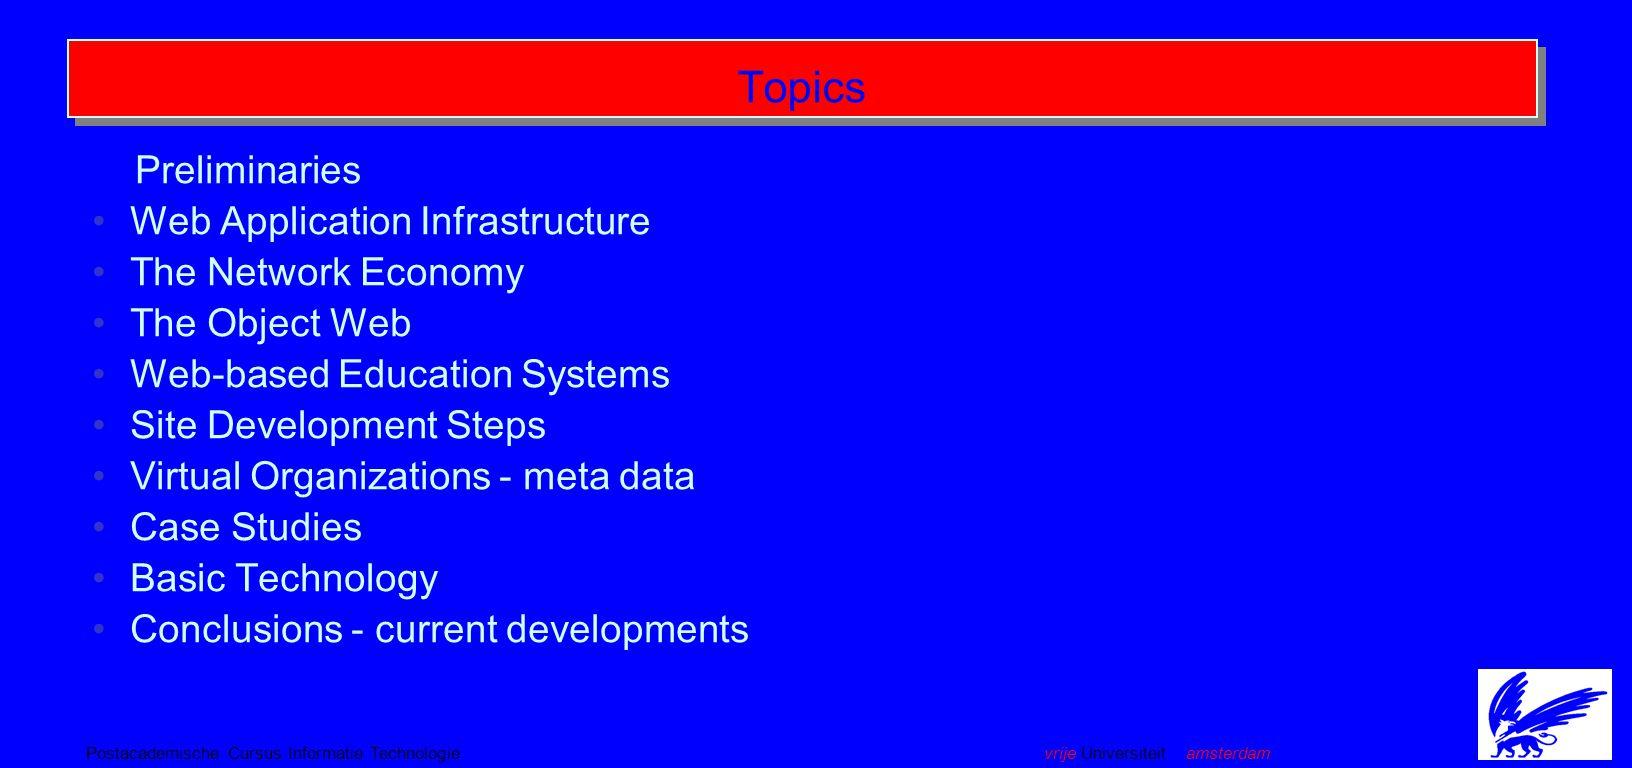 vrije Universiteit amsterdamPostacademische Cursus Informatie Technologie Web Applications Anton Eliëns Vrije Universiteit, Amsterdam 19 October 1999 Http://www.cs.vu.nl/~eliens/online/courses/web